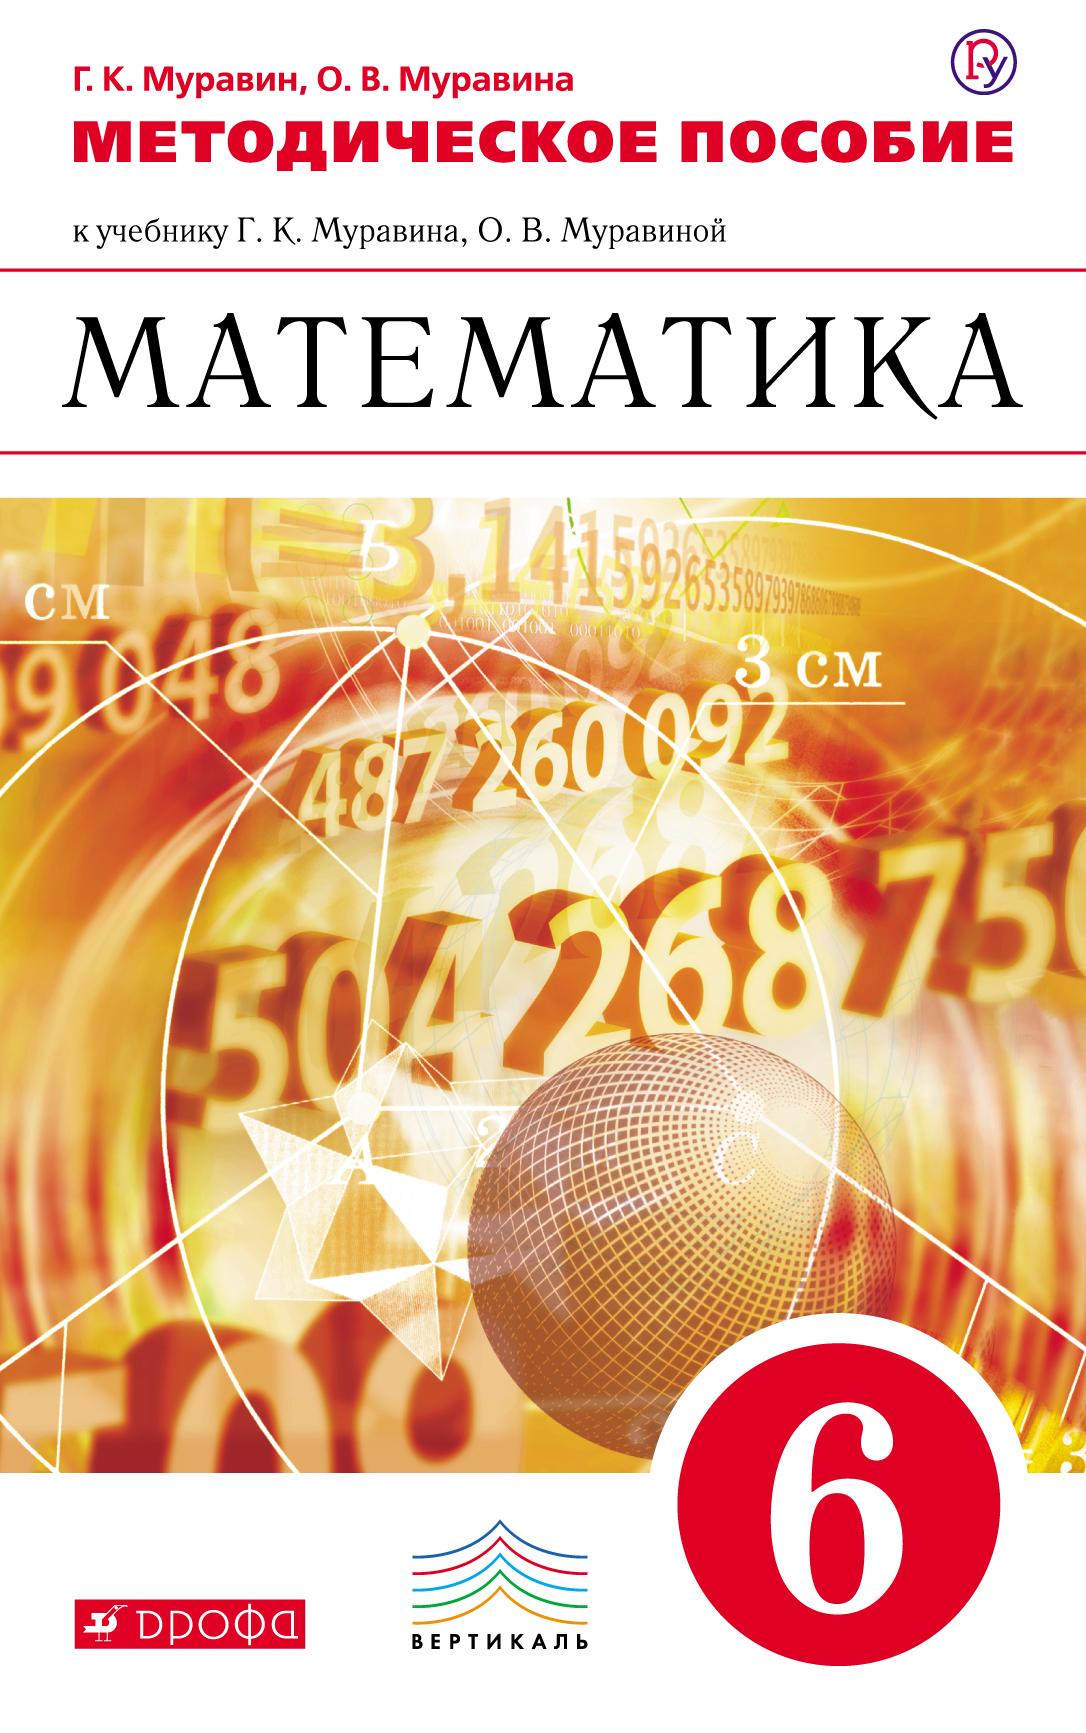 МАТЕМАТИКА 5 КЛАСС МЕТОДИЧЕСКОЕ ПОСОБИЕ МУРАВИН СКАЧАТЬ БЕСПЛАТНО